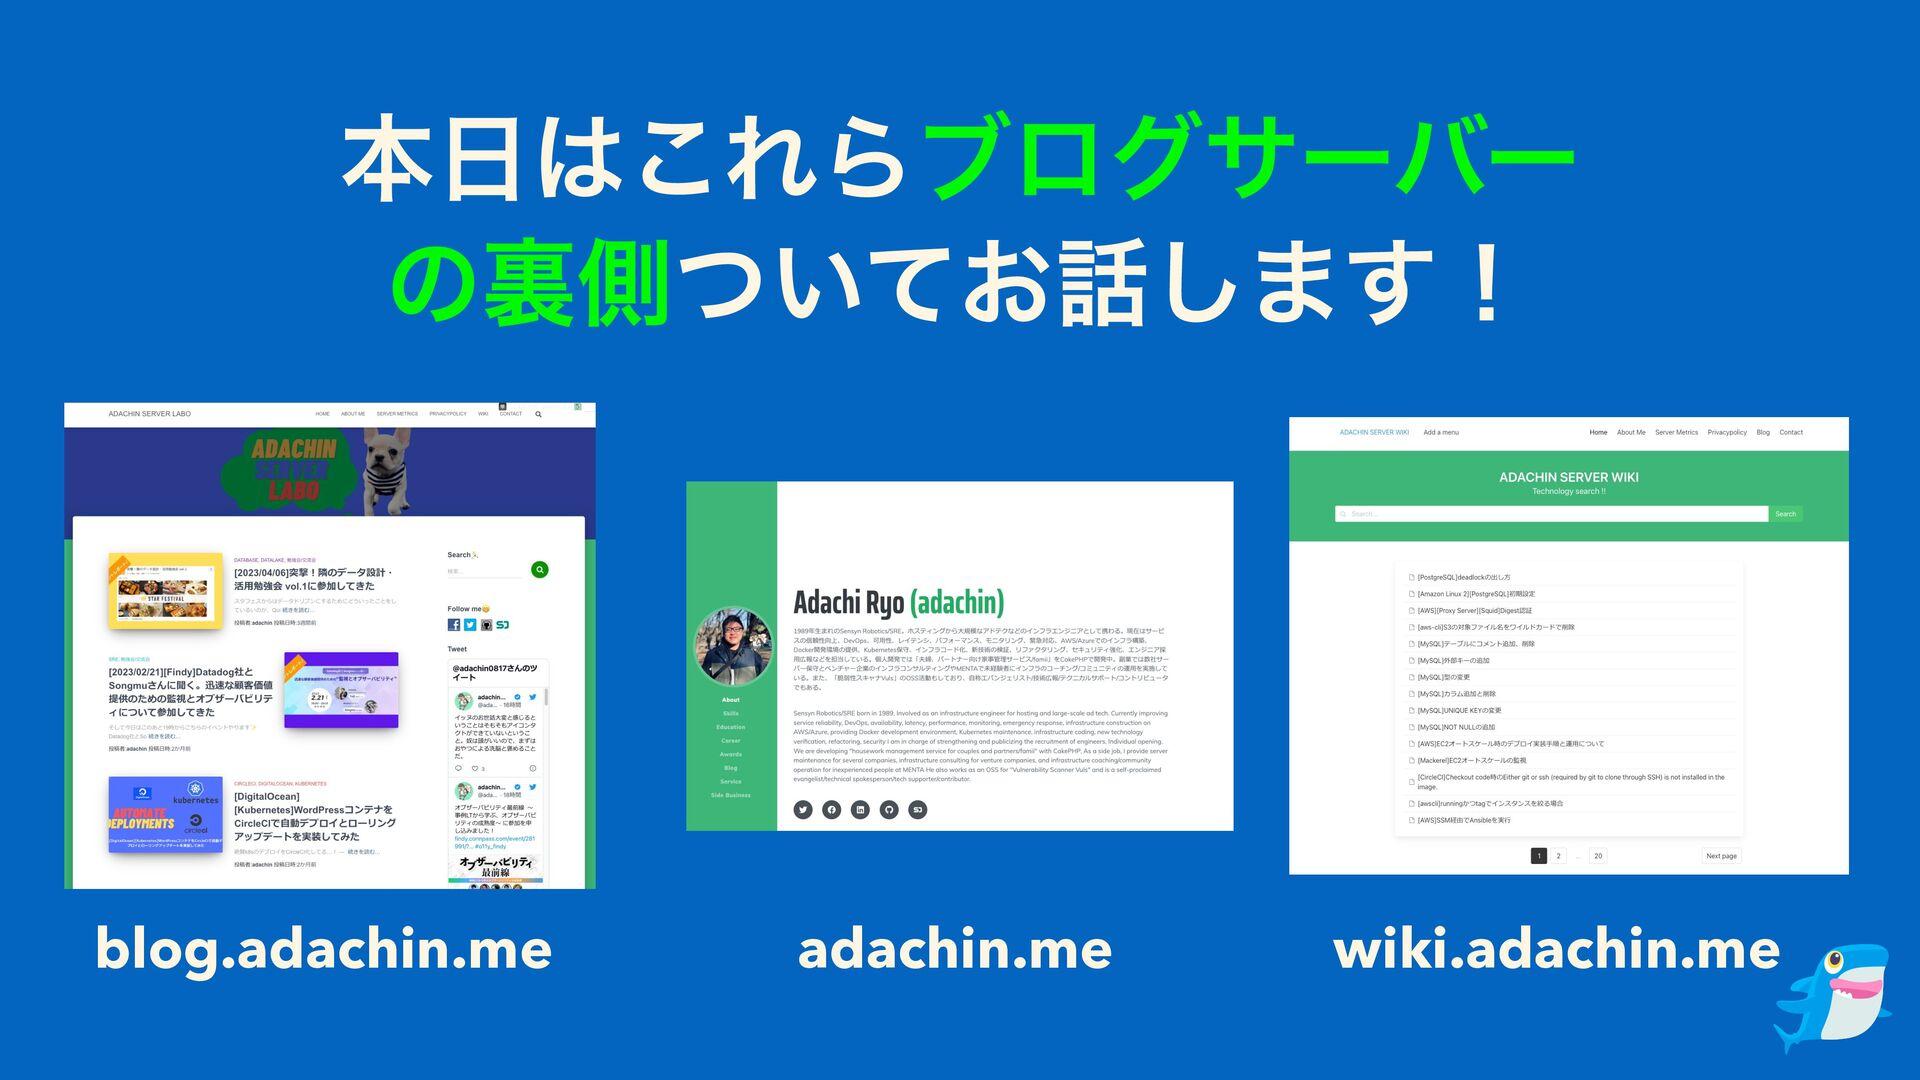 ຊ͜ΕΒϒϩάαʔόʔ ͷཪଆ͍͓ͭͯ͠·͢ʂ blog.adachin.me adac...